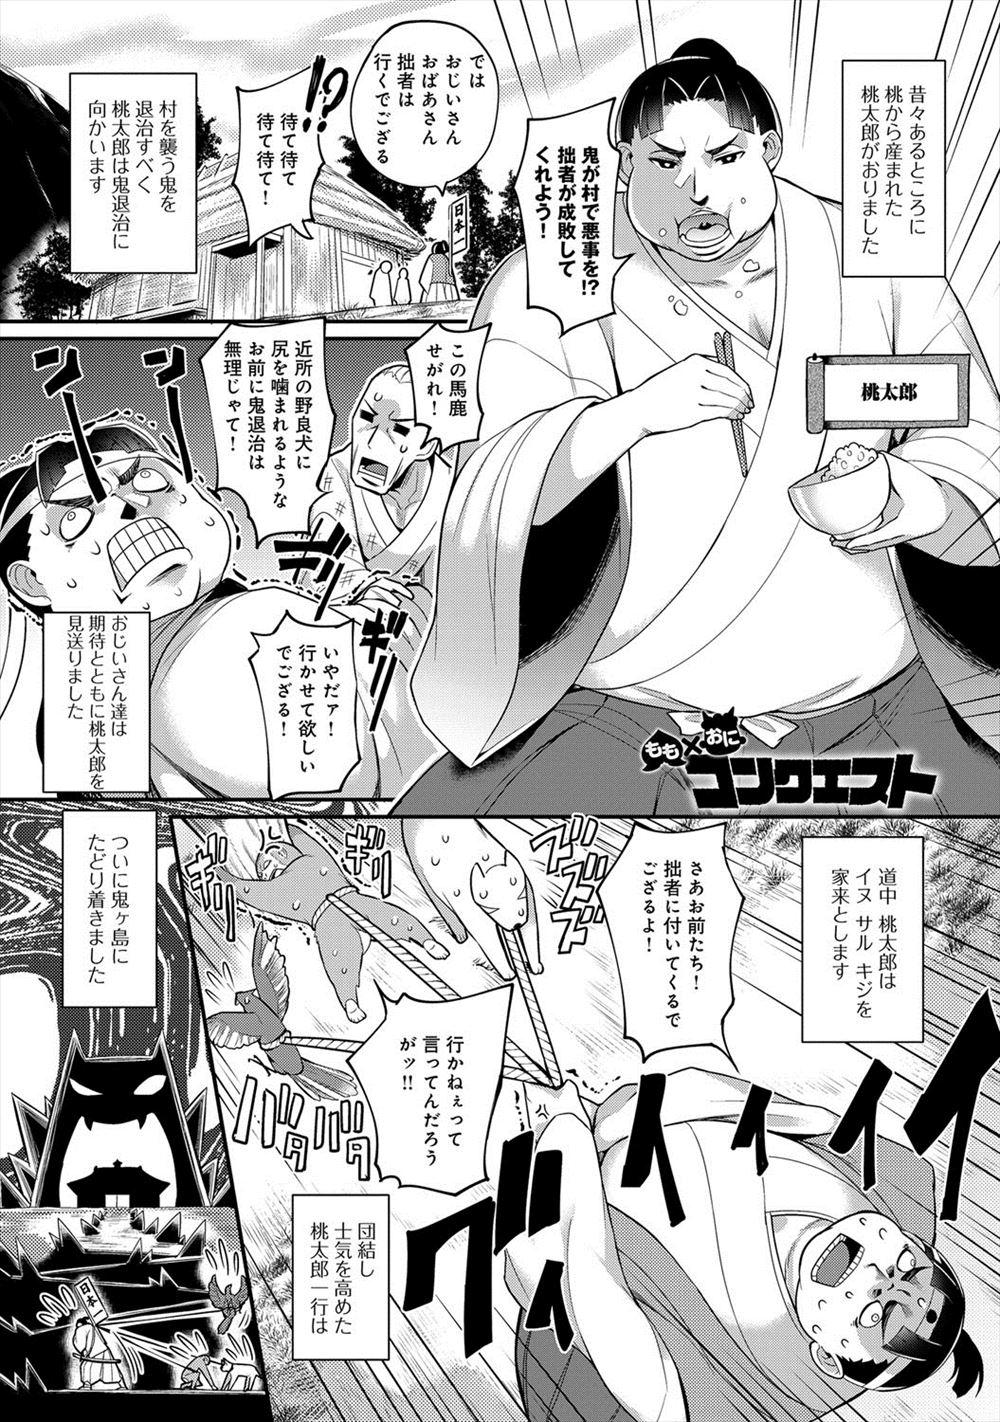 鬼退治に来た桃太郎は三人の鬼娘相手にチンポで立ち向かい4Pセックスで制する!!!!